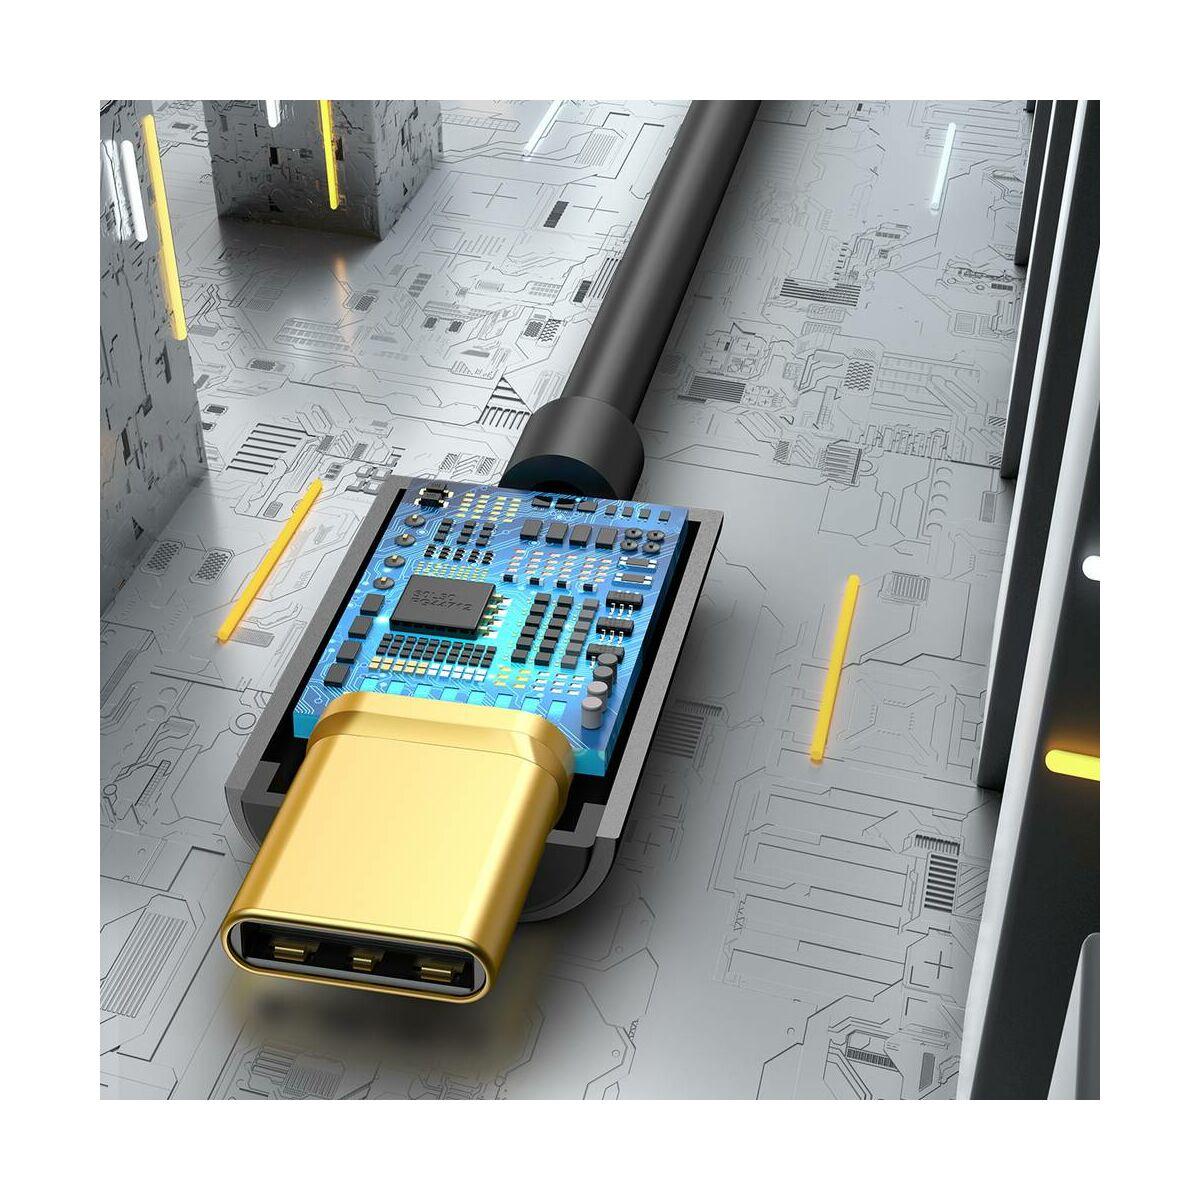 Baseus átalakító, L54 Type-C [apa] - 3.5 mm [anya] adapter, fekete (CATL54-01)